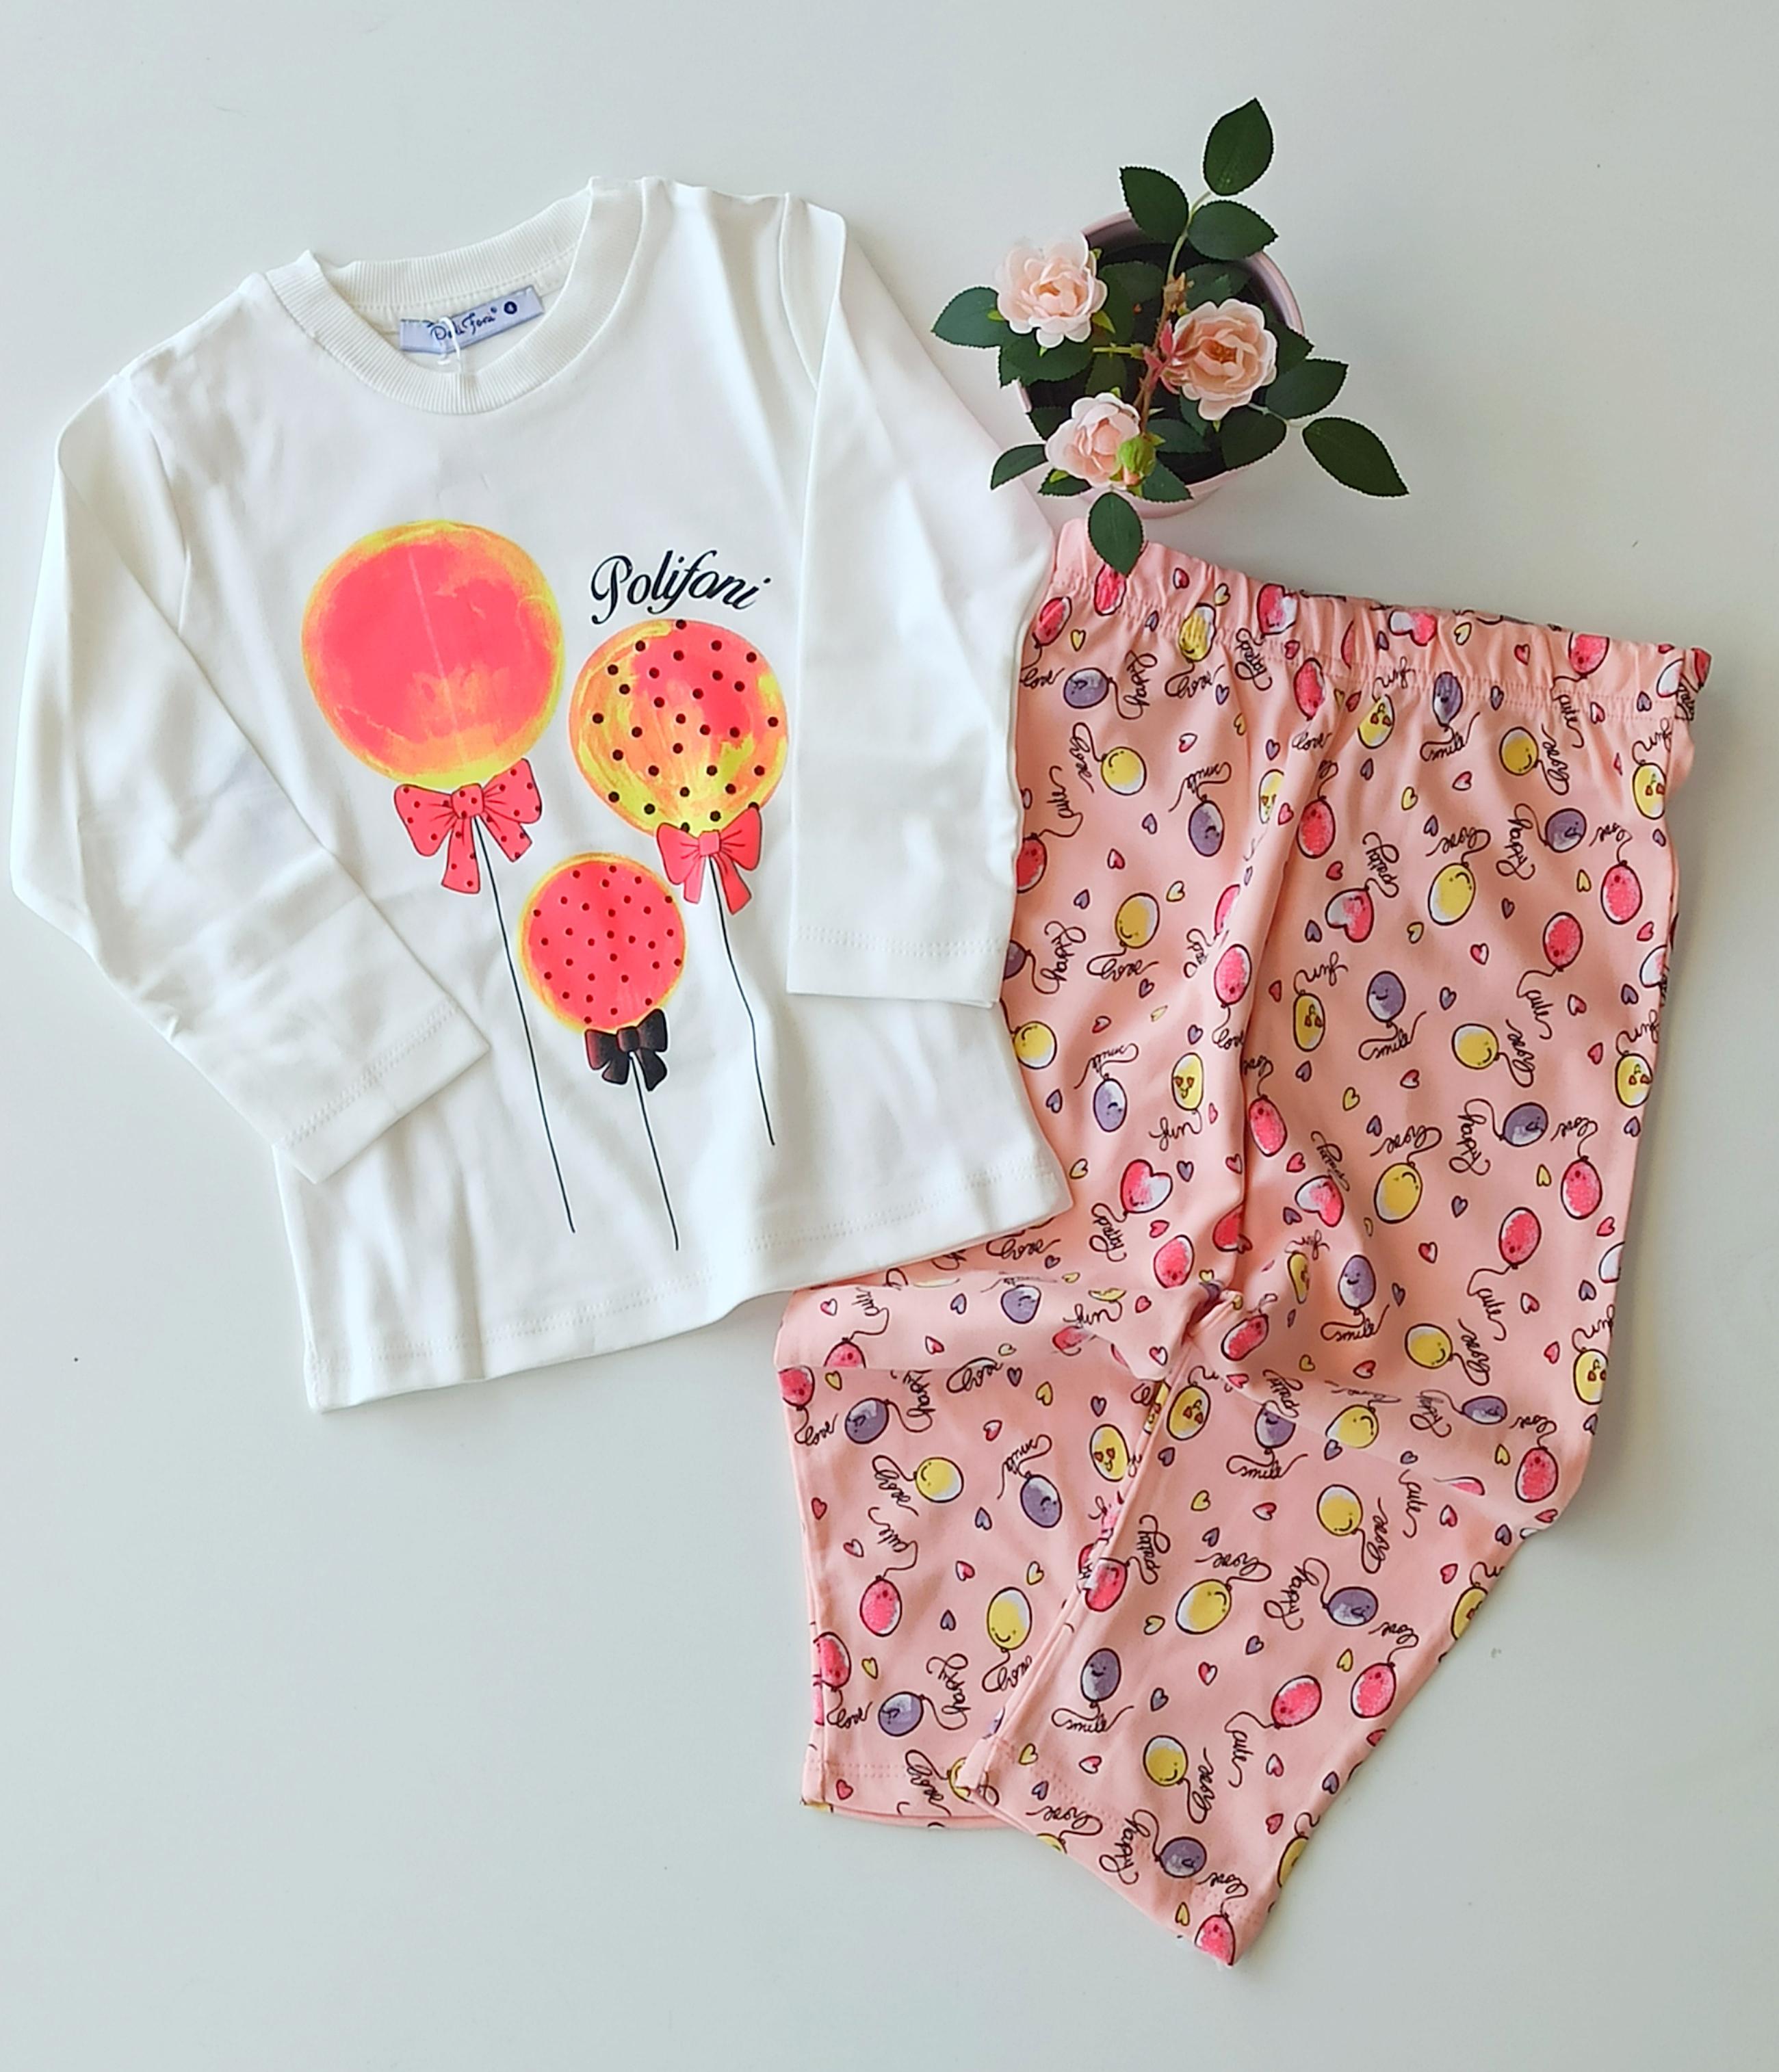 Balon Desenli Kız Çocuk Pijama Takımı